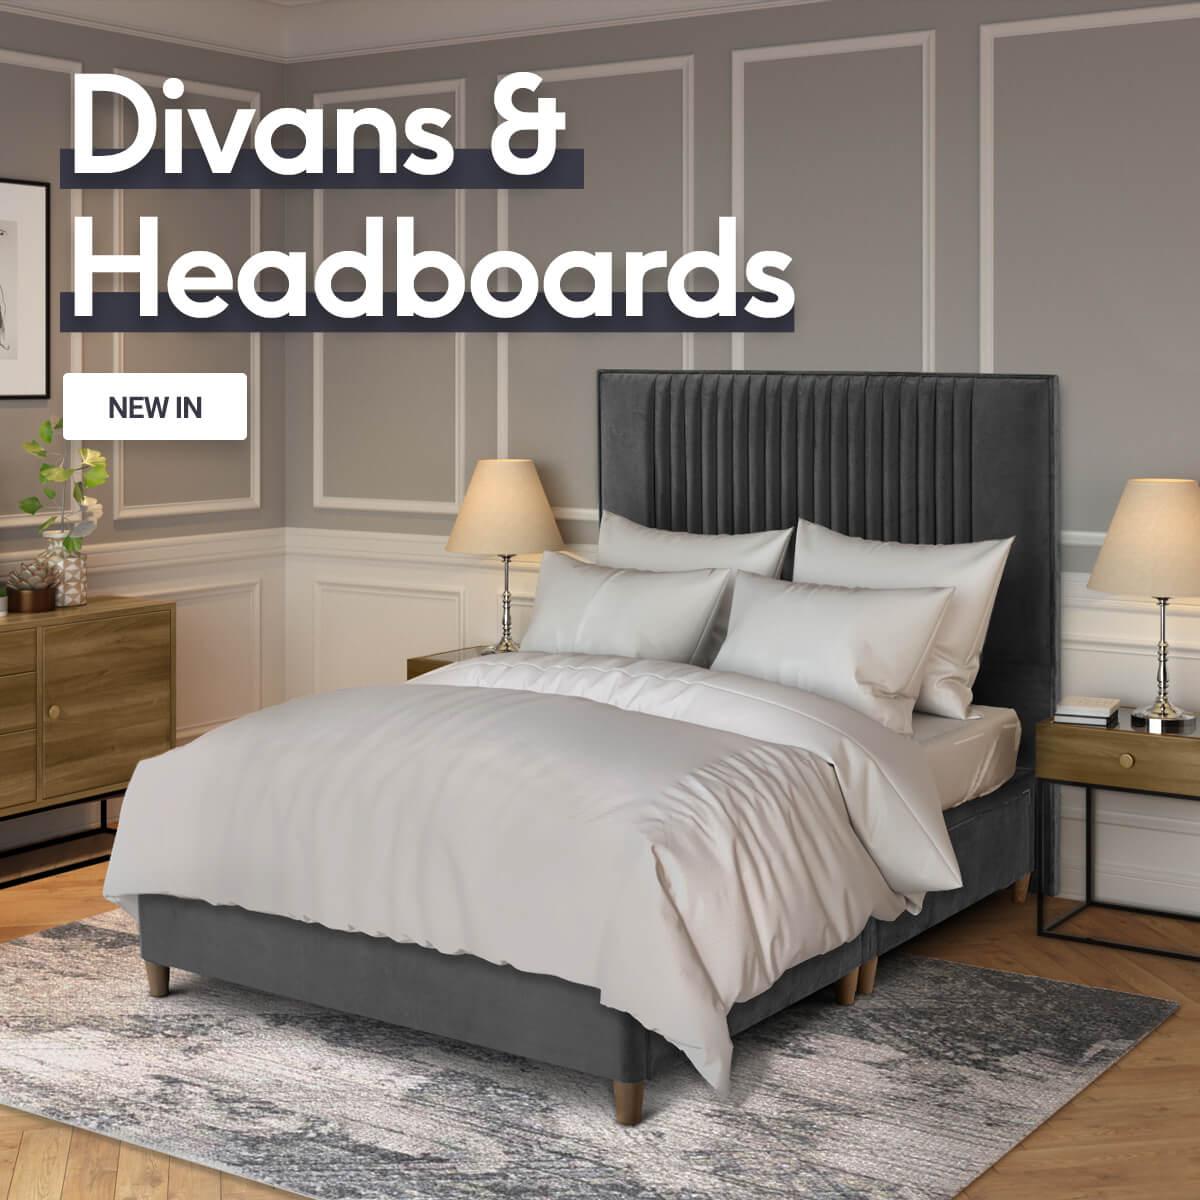 Divans & Headboards - New In